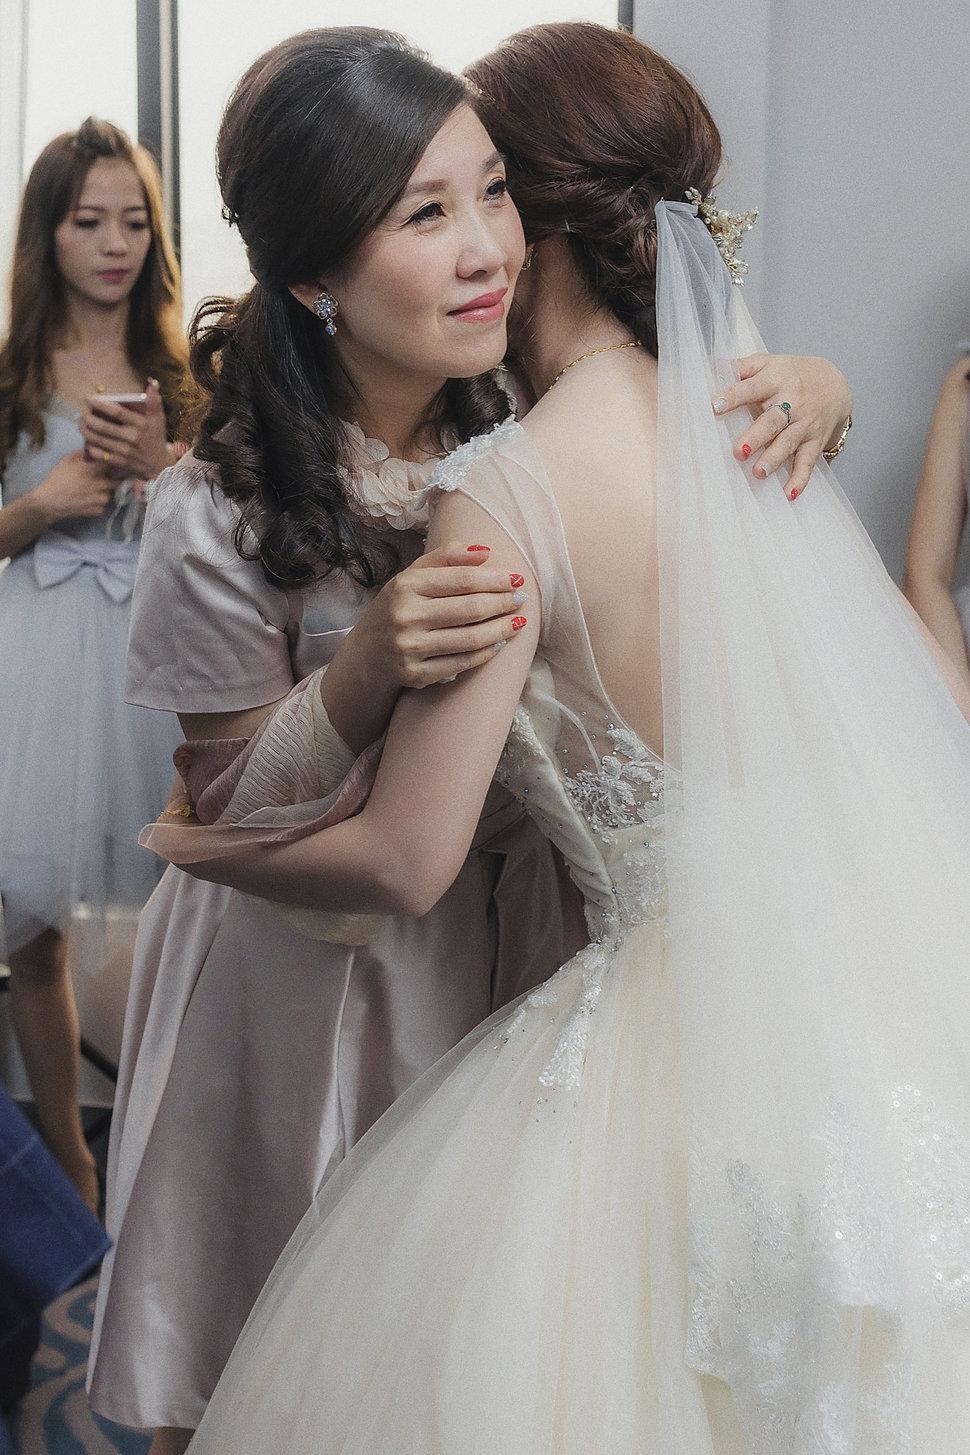 婚禮攝影-32 - 凱勒・周 獨立影像 - 結婚吧